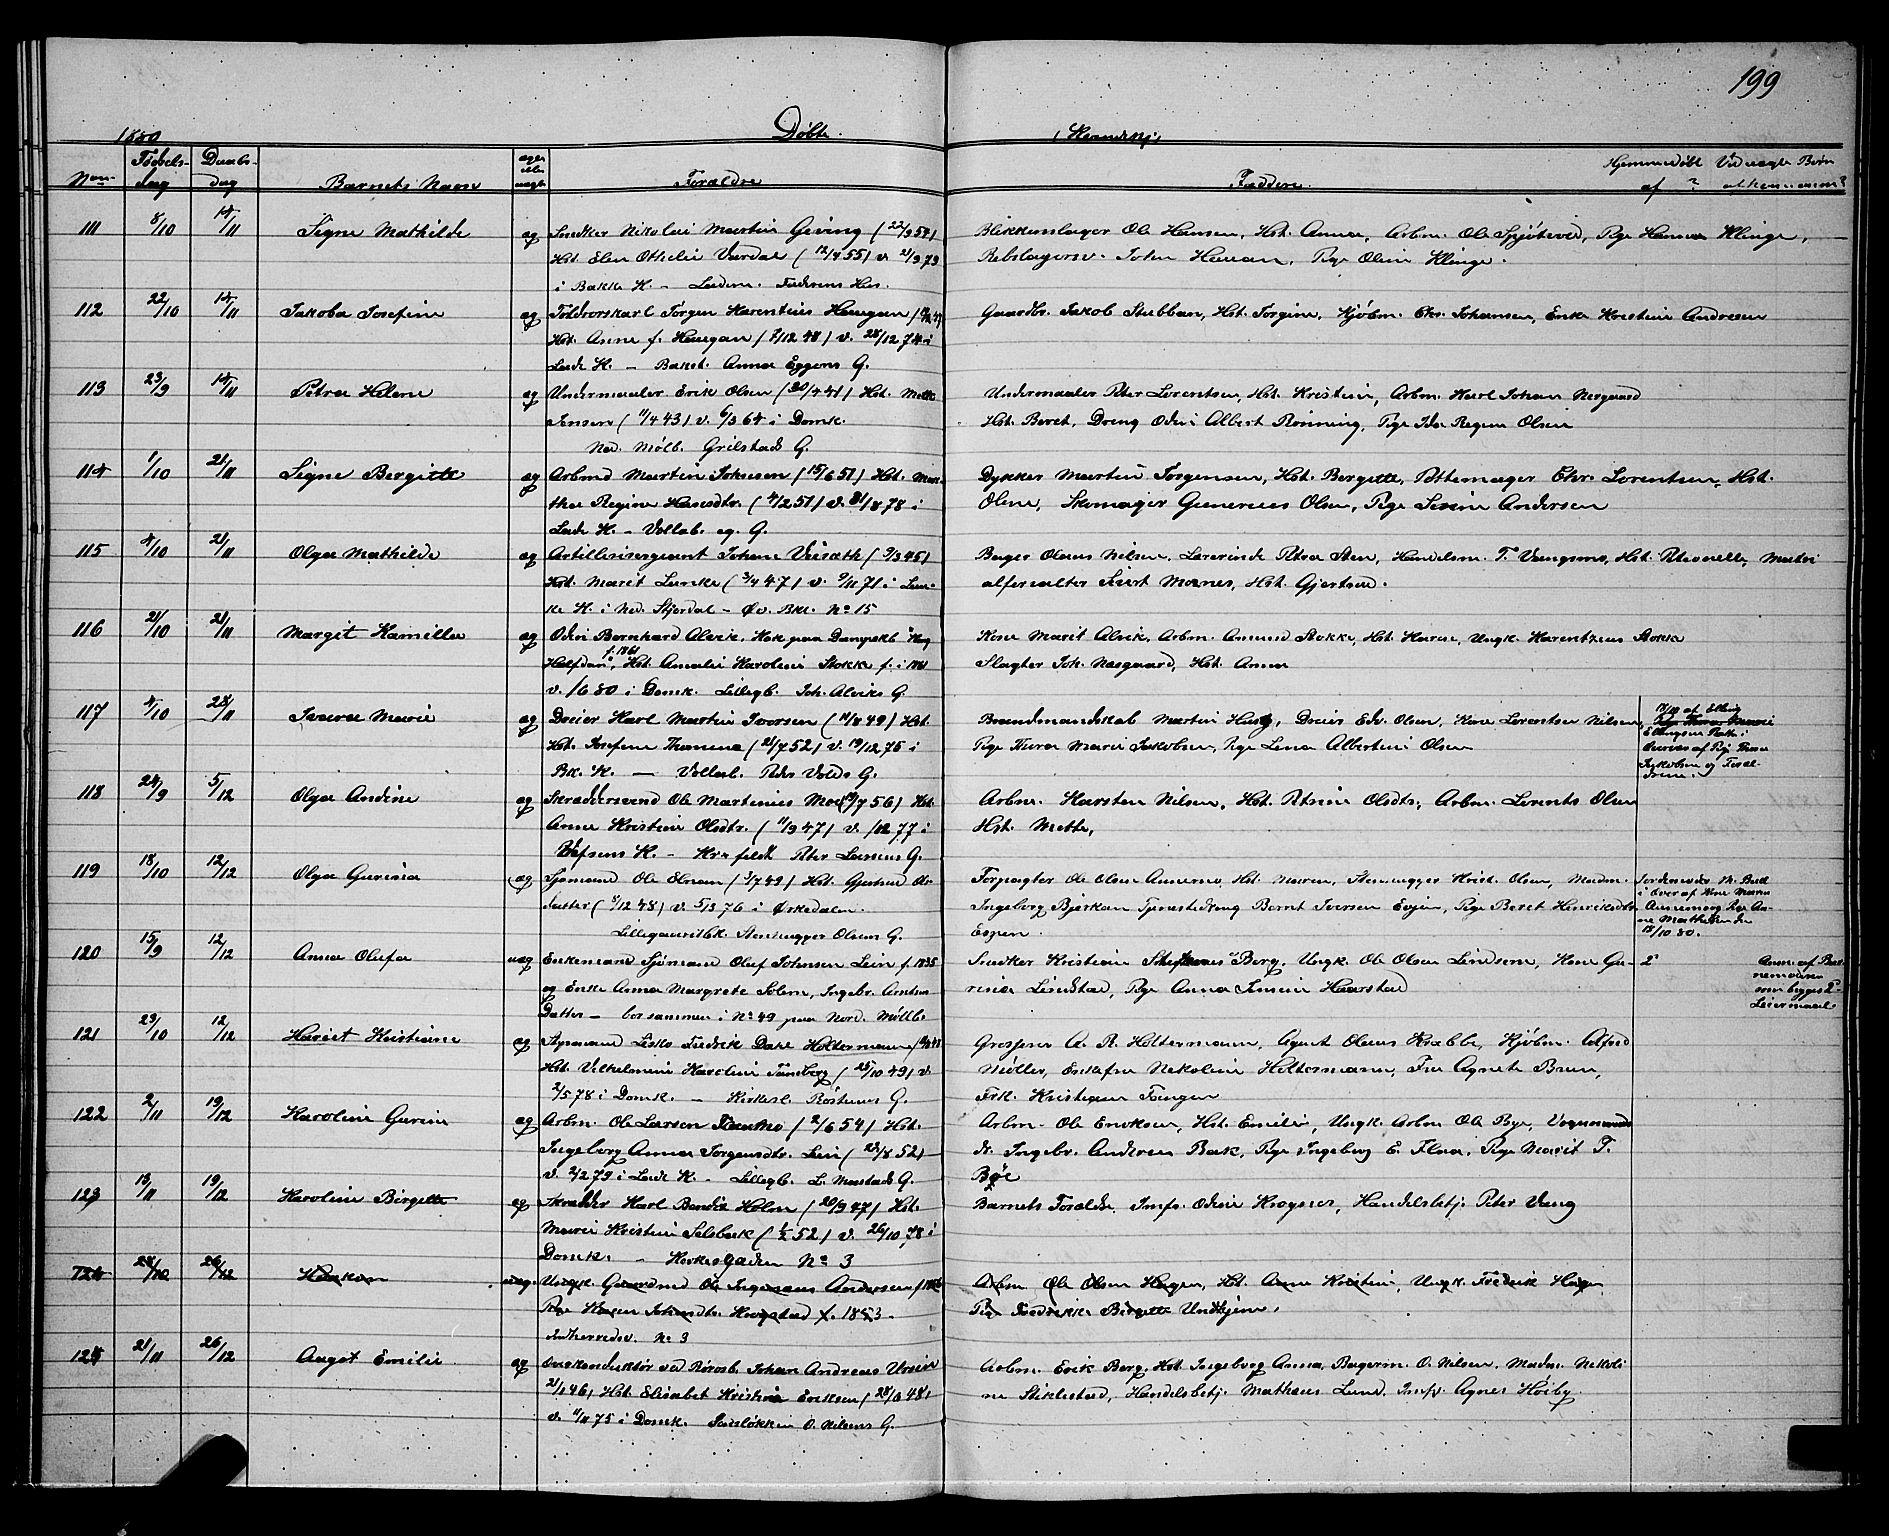 SAT, Ministerialprotokoller, klokkerbøker og fødselsregistre - Sør-Trøndelag, 604/L0220: Klokkerbok nr. 604C03, 1870-1885, s. 199